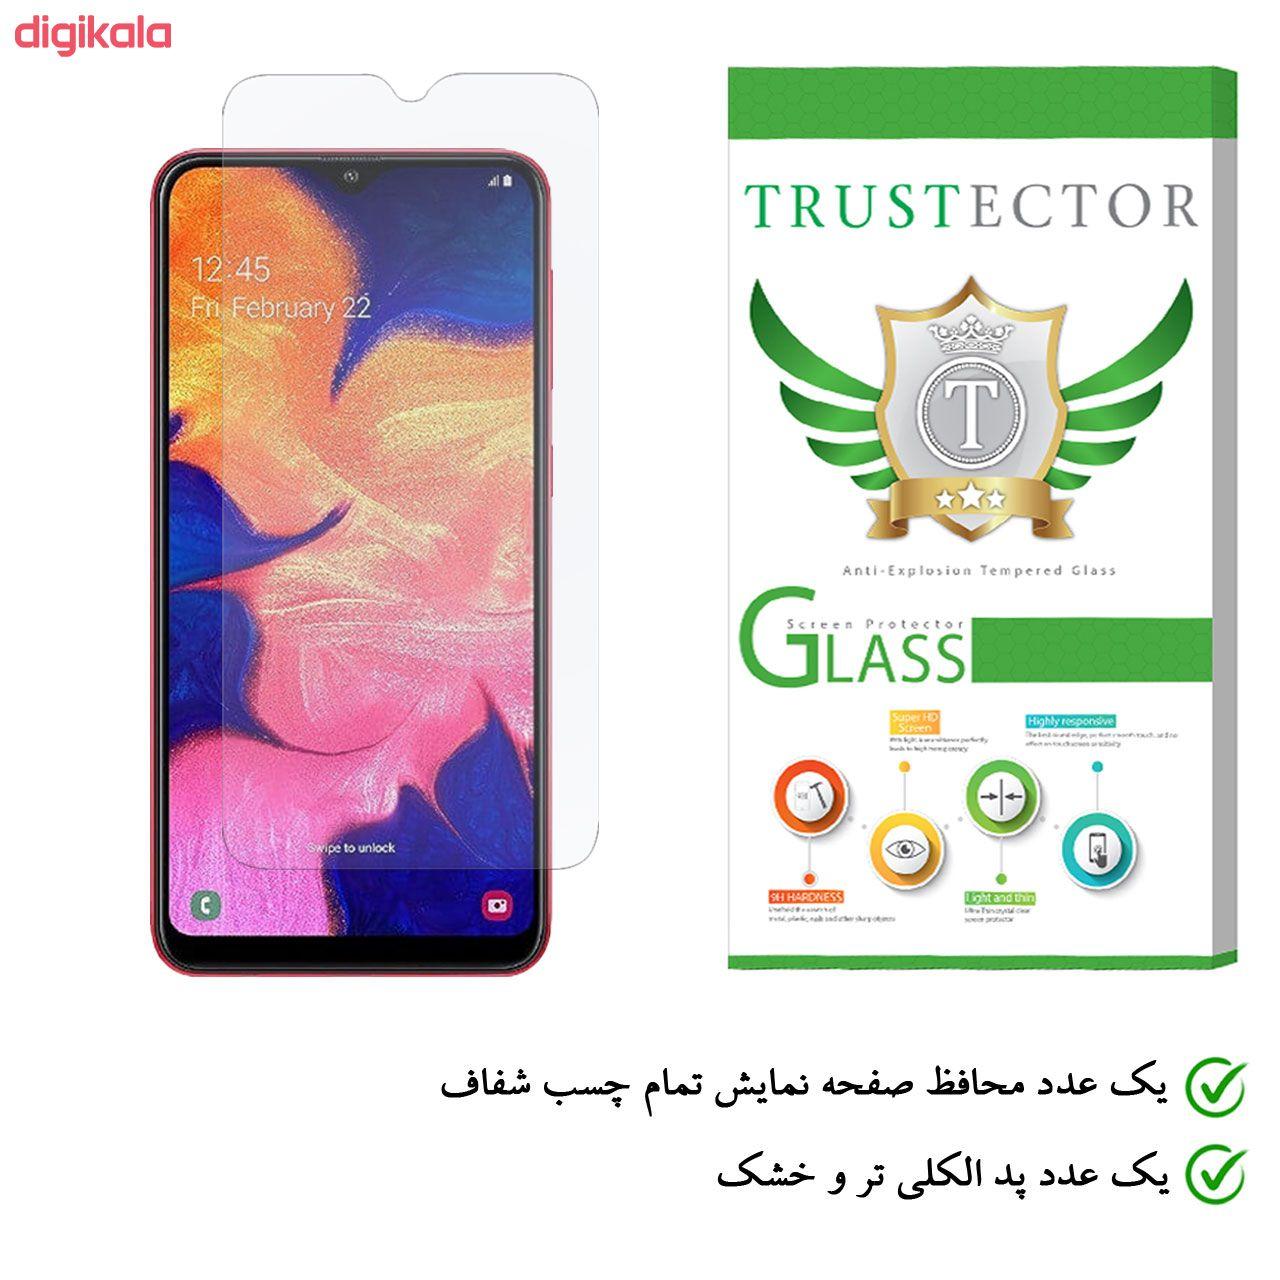 محافظ صفحه نمایش تراستکتور مدل GLS مناسب برای گوشی موبایل سامسونگ Galaxy A10 main 1 8